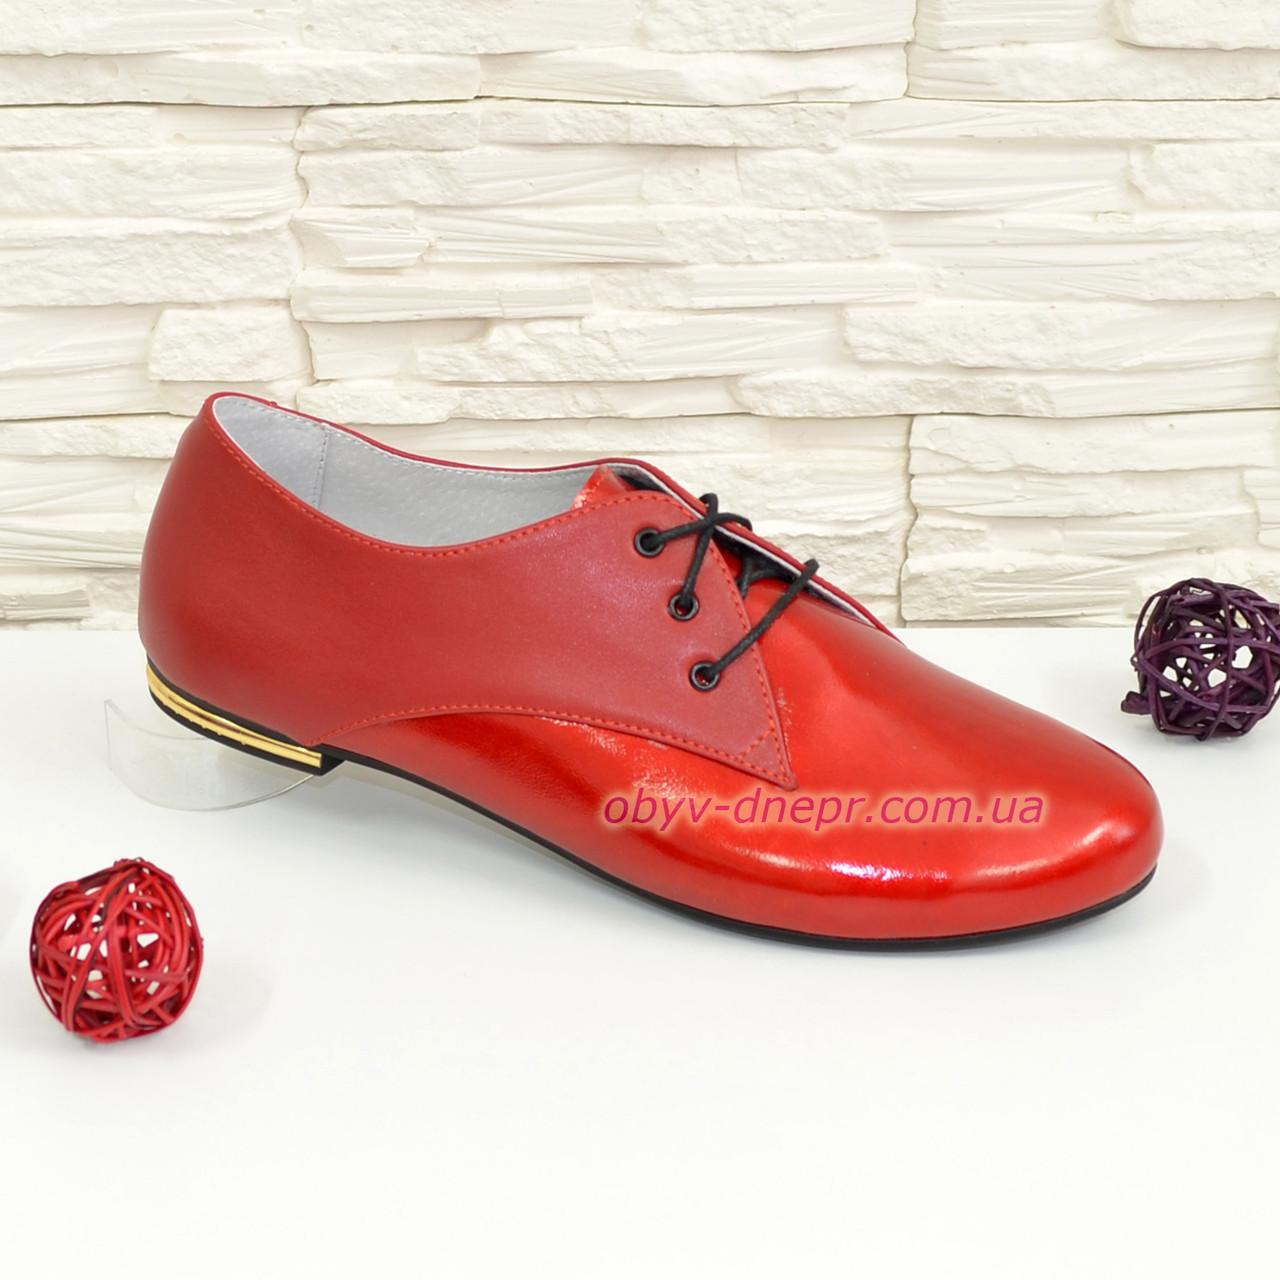 Туфли кожаные женские красные на шнуровке, низкий ход